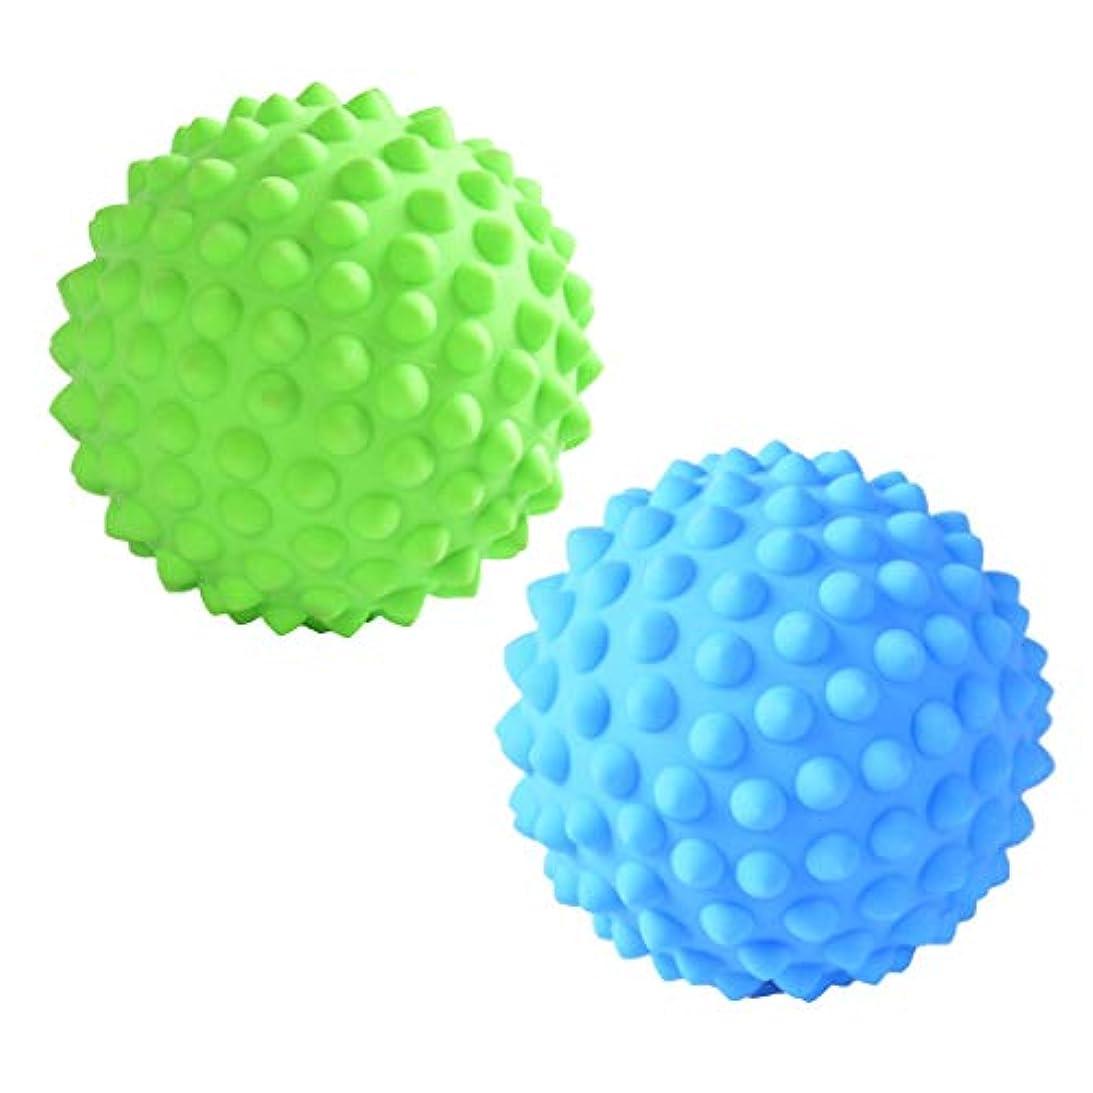 サイズずらす現像マッサージローラーボール 指圧ボール PVC トリガーポイント 疲れ解消ボール ヨガ 疲労軽減 2個